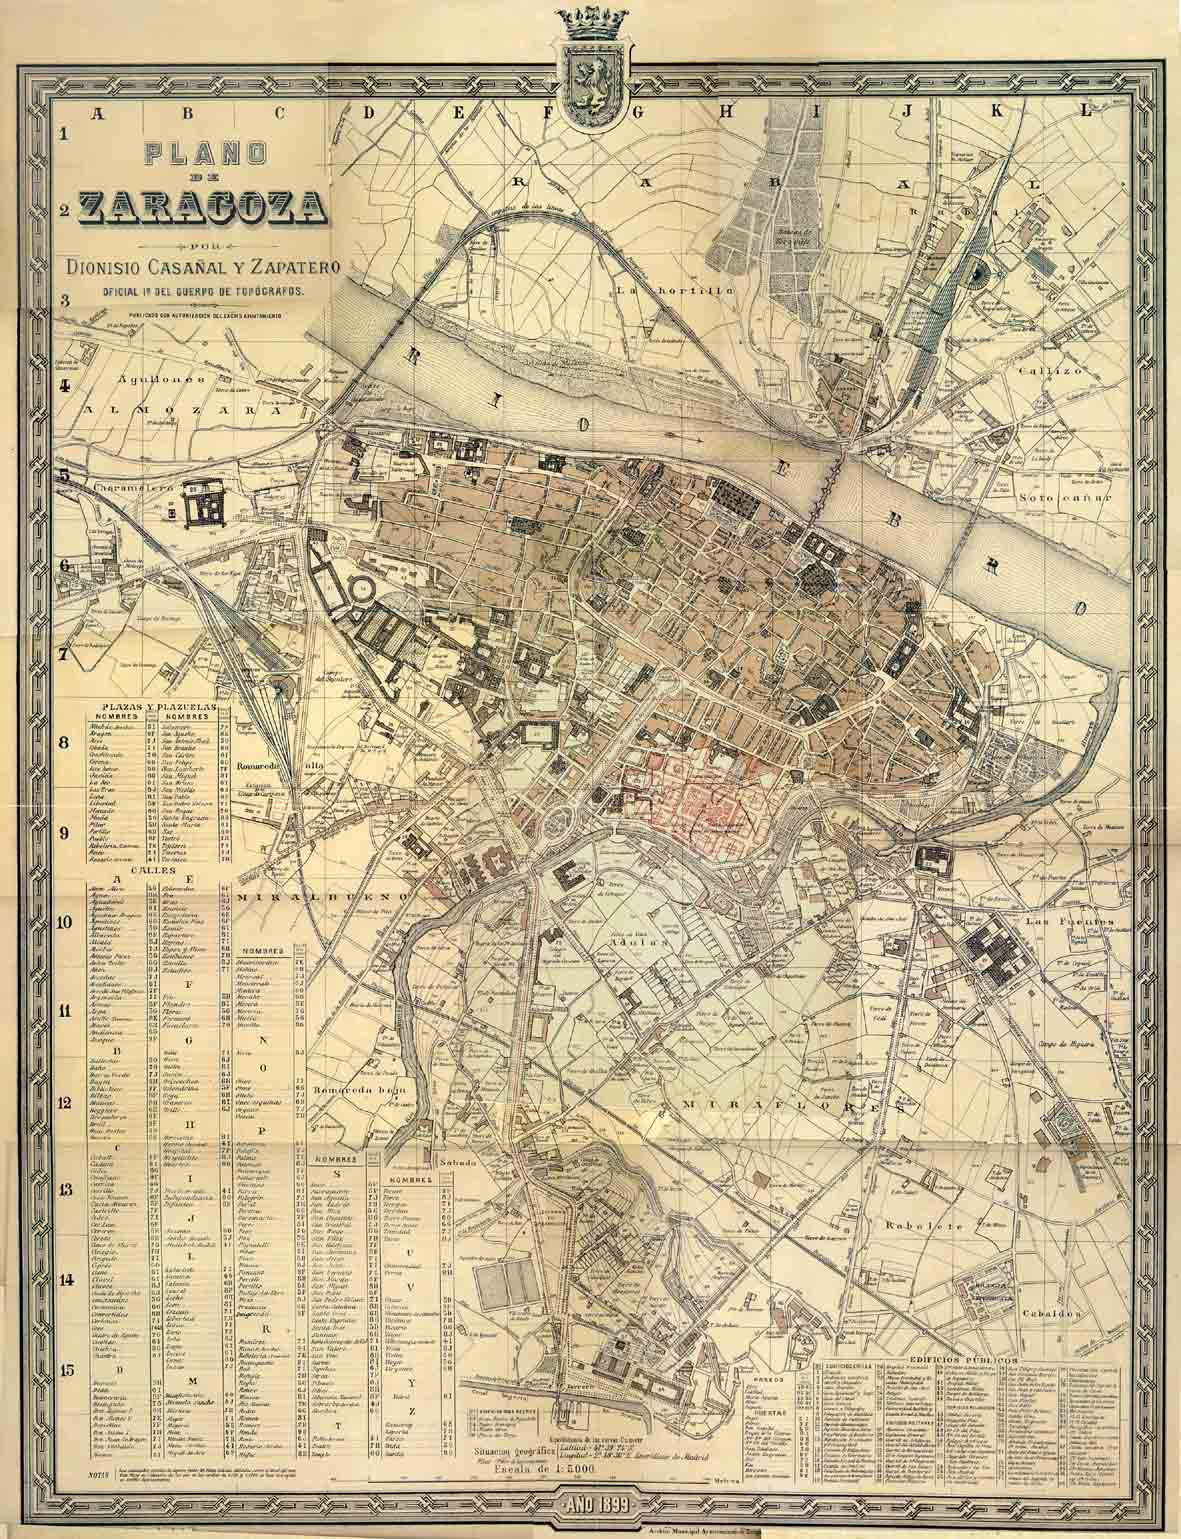 Plano de Zaragoza 1899